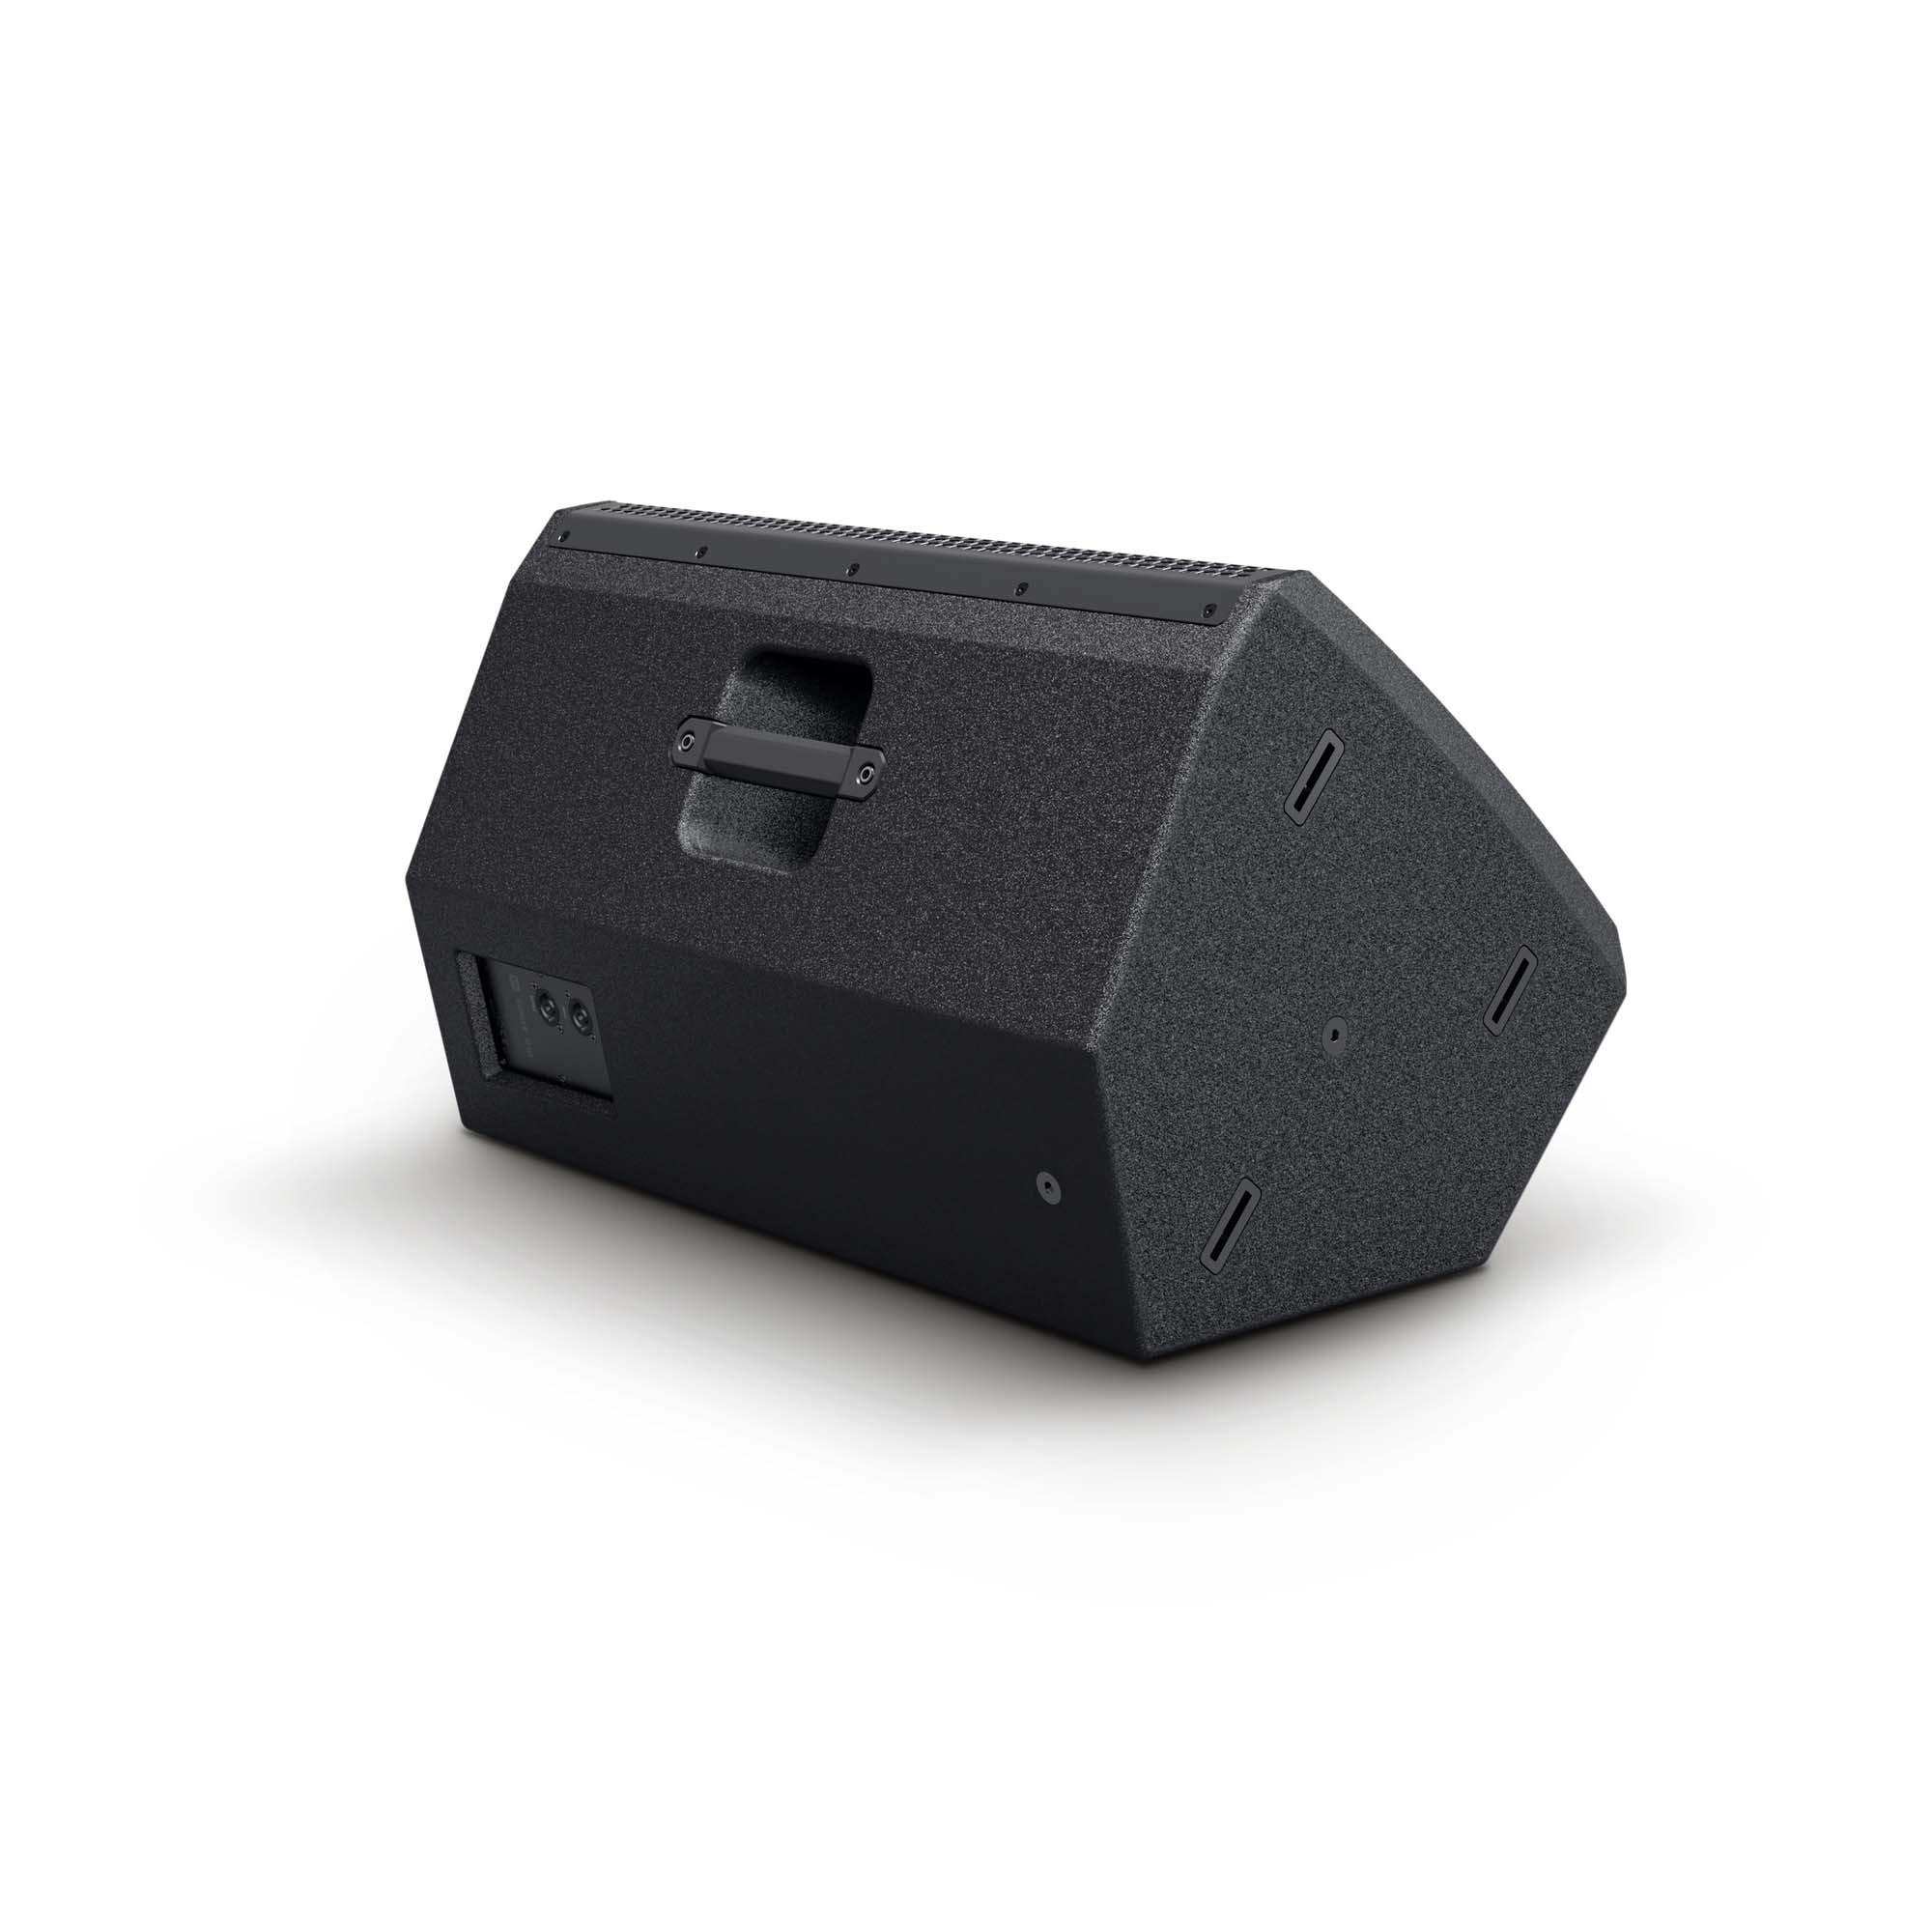 STINGER 12 G3 Enceinte de sonorisation passive 2 voies bass reflex, boomer 12 pouces